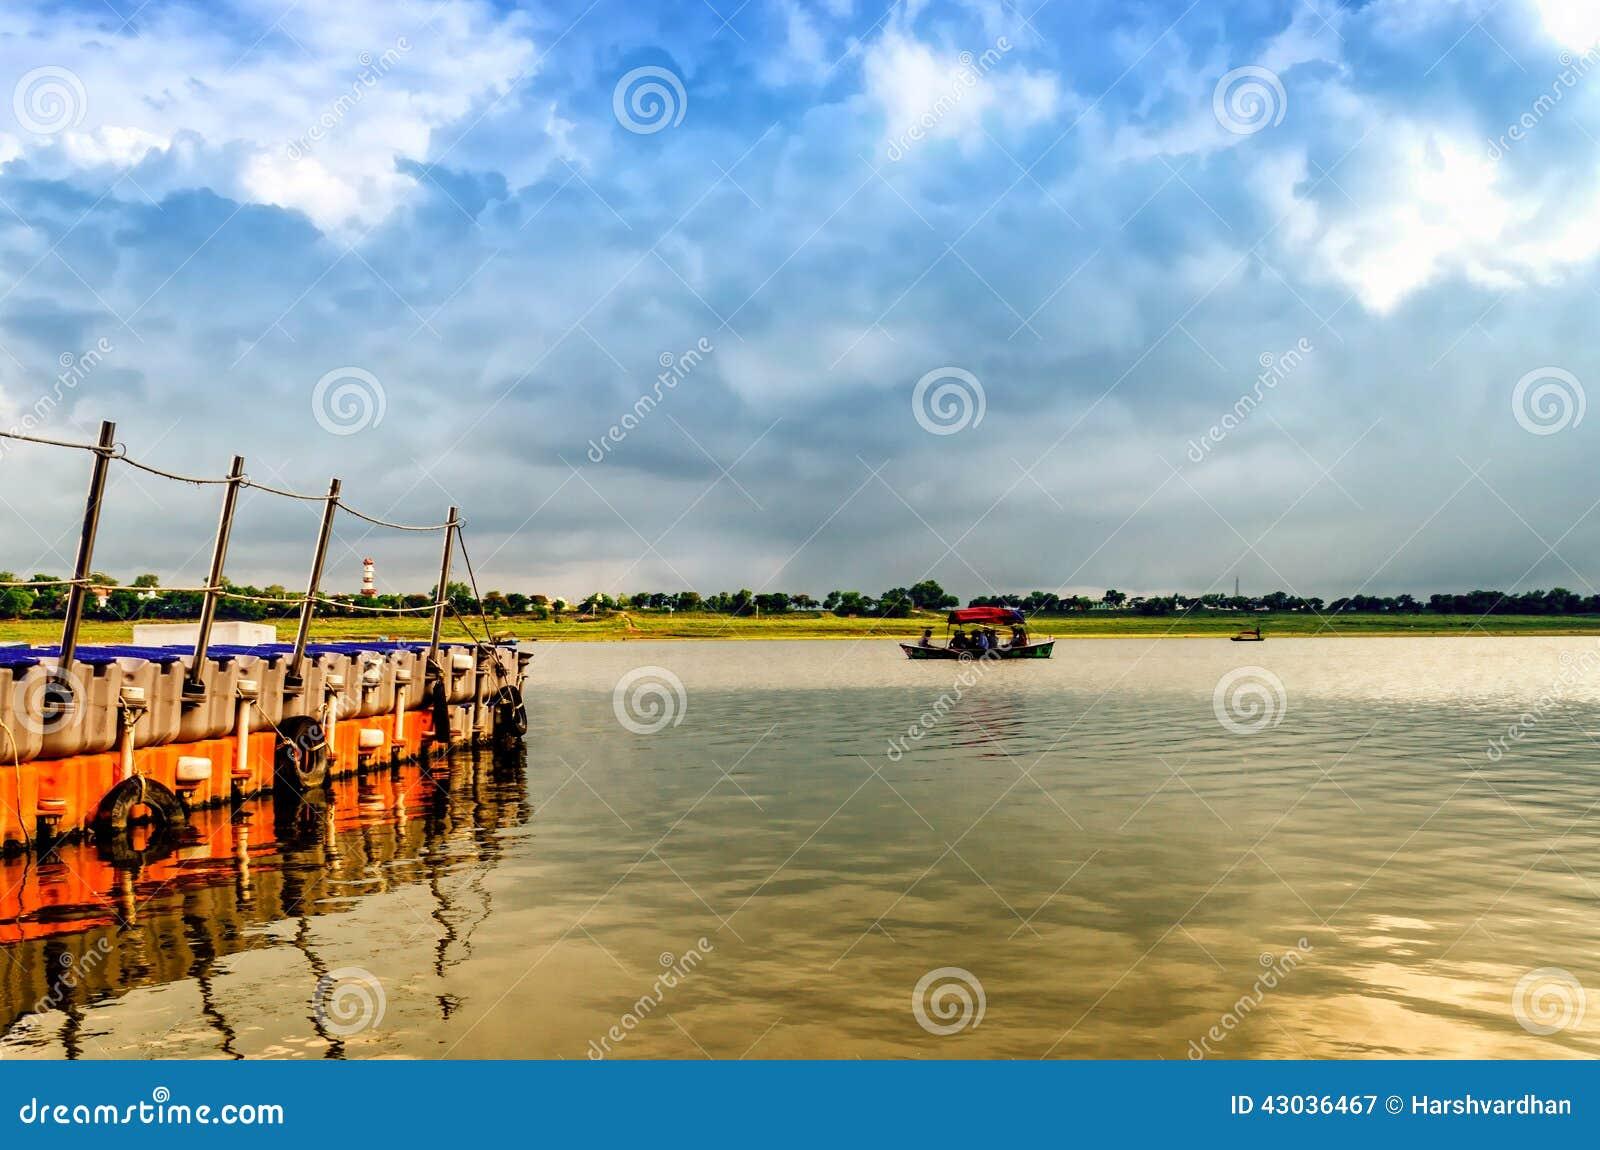 Woden-Bootssegeln in heiligem ganga Wasser am allahabad Indien Asien